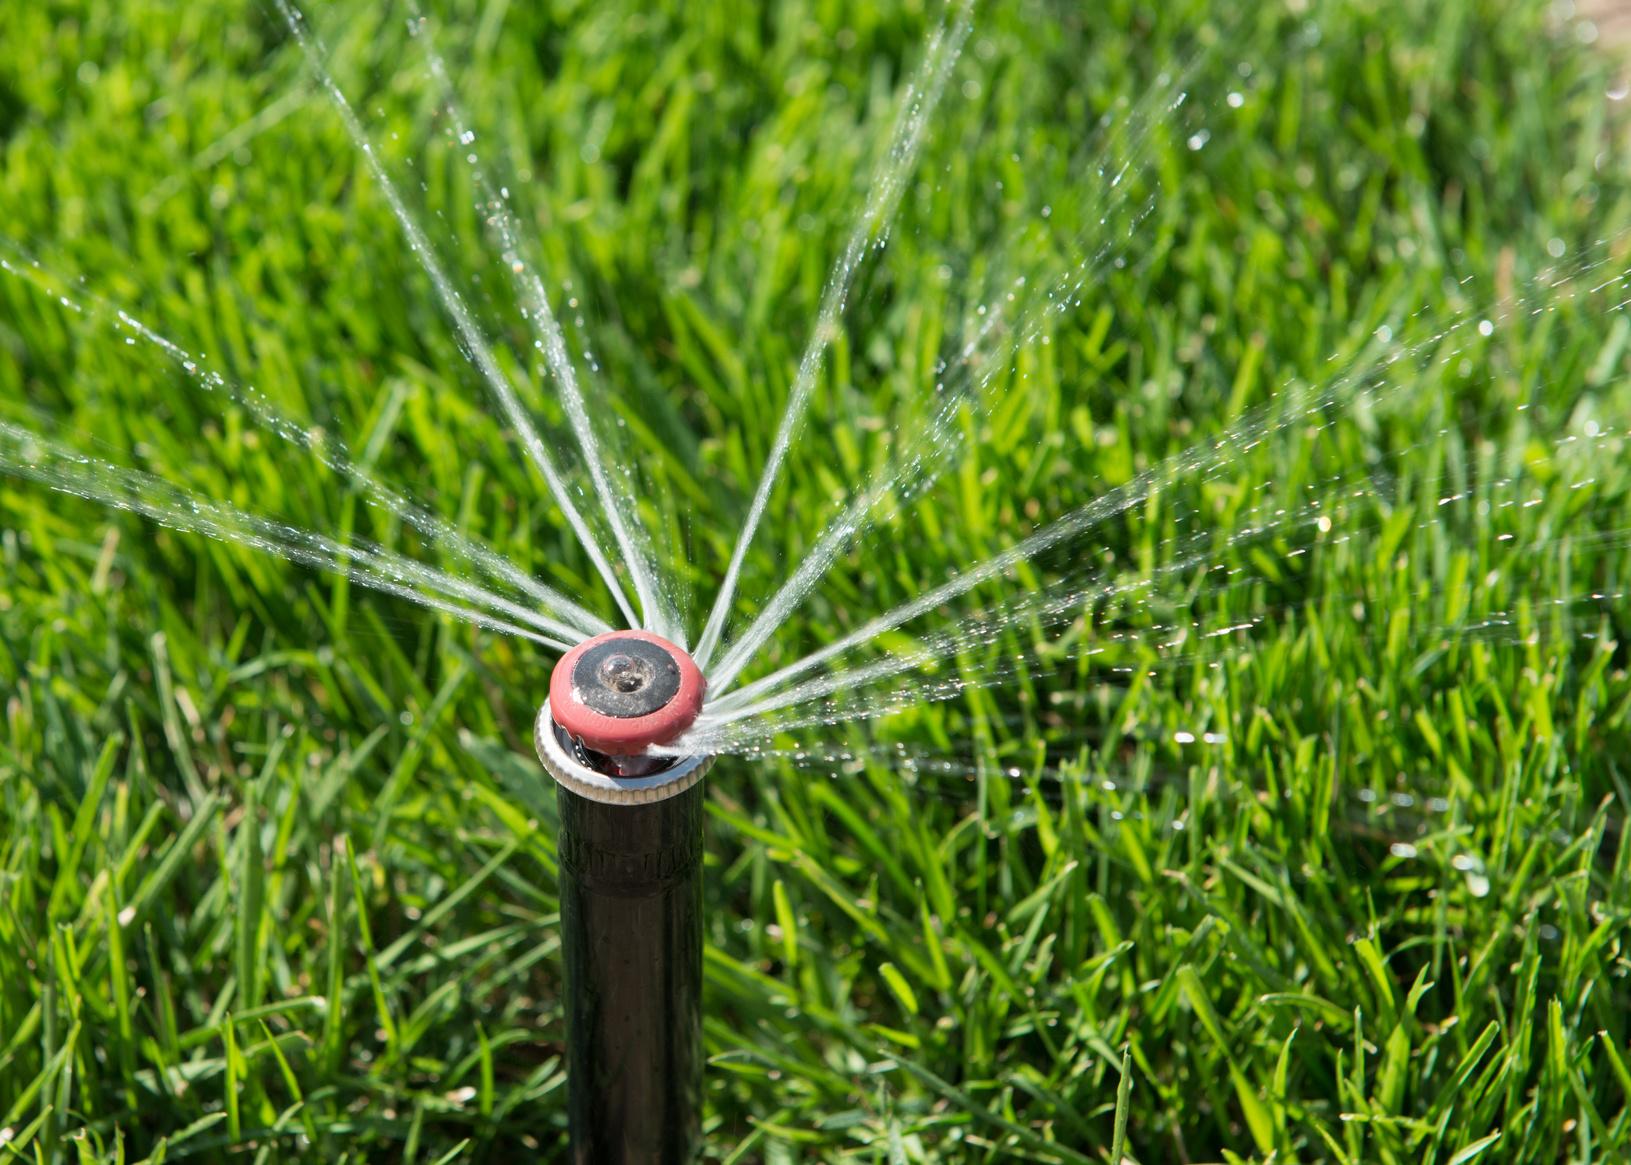 Comment choisir une pompe d 39 arrosage de jardin for Choisir tuyau d arrosage